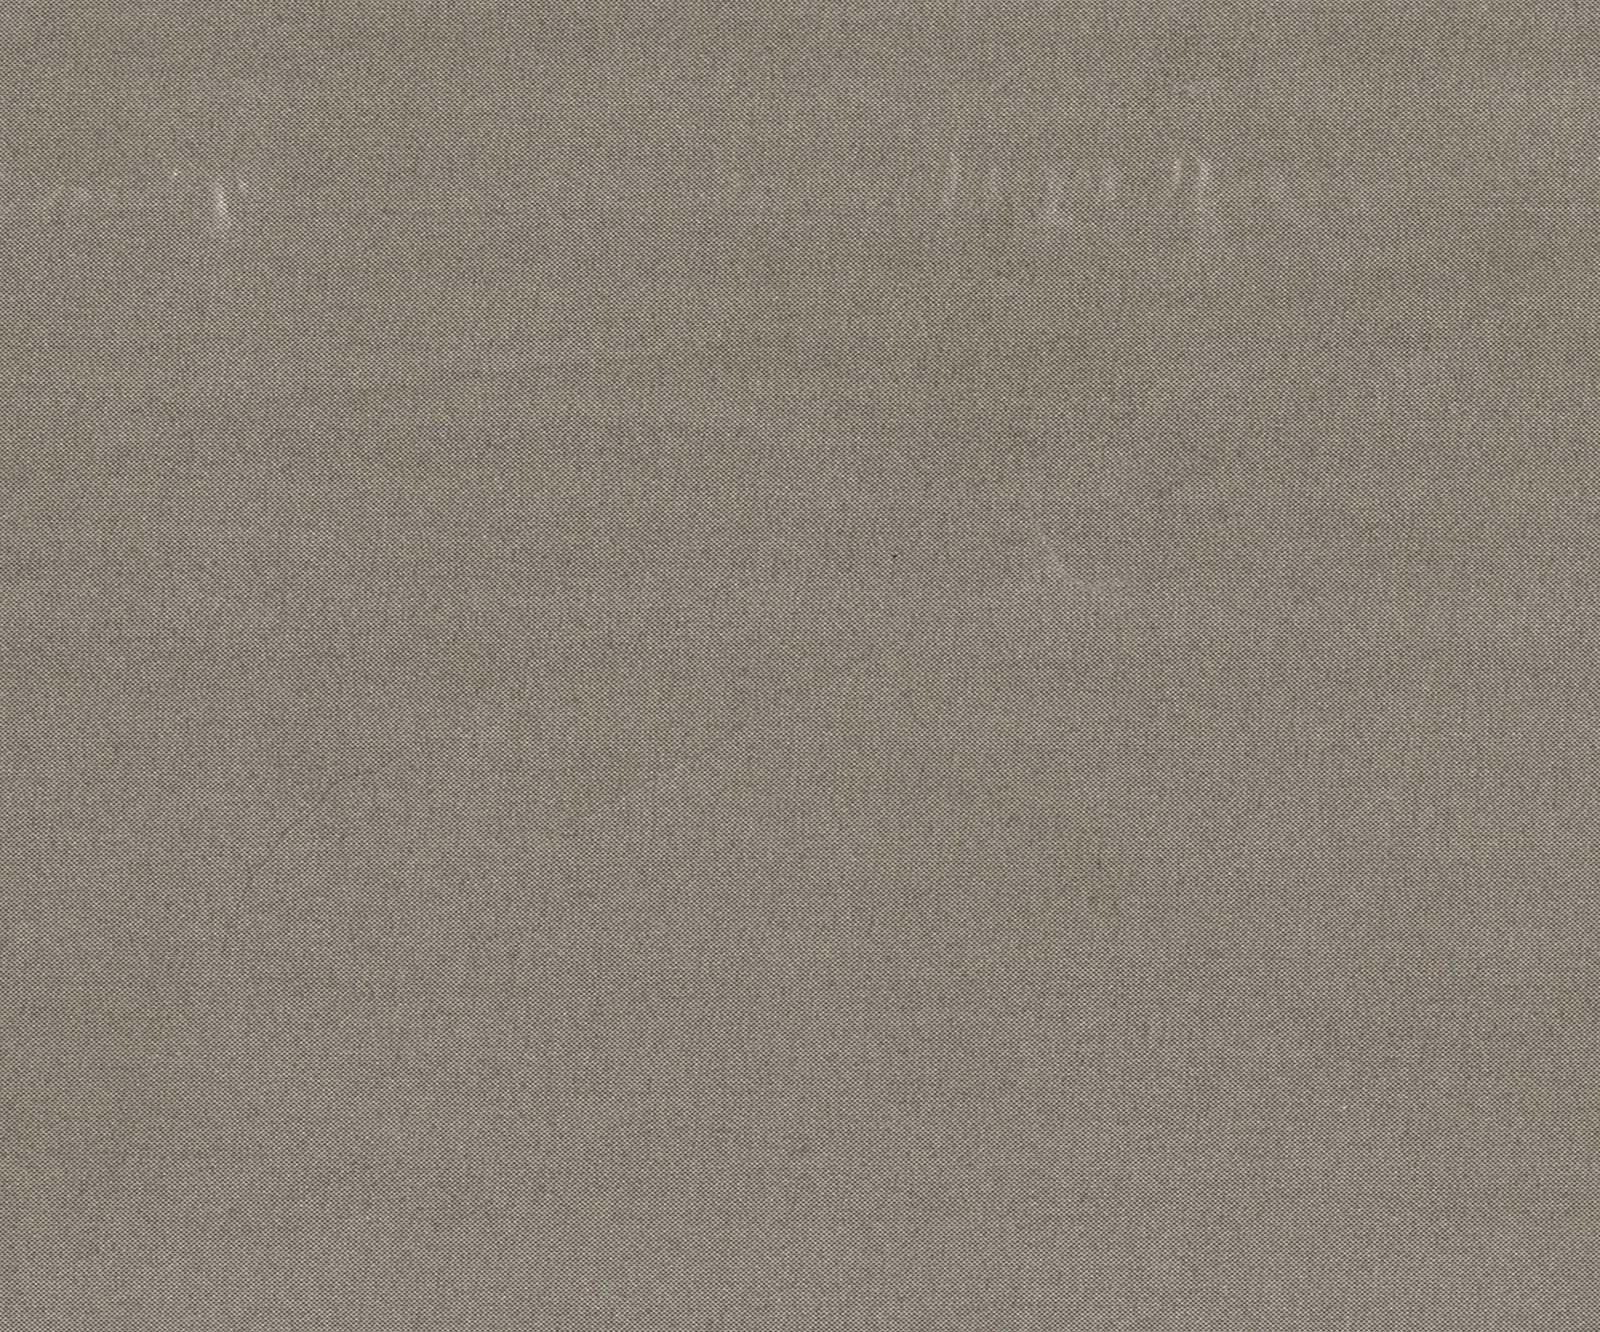 RFID Cloth OA 1053-0041